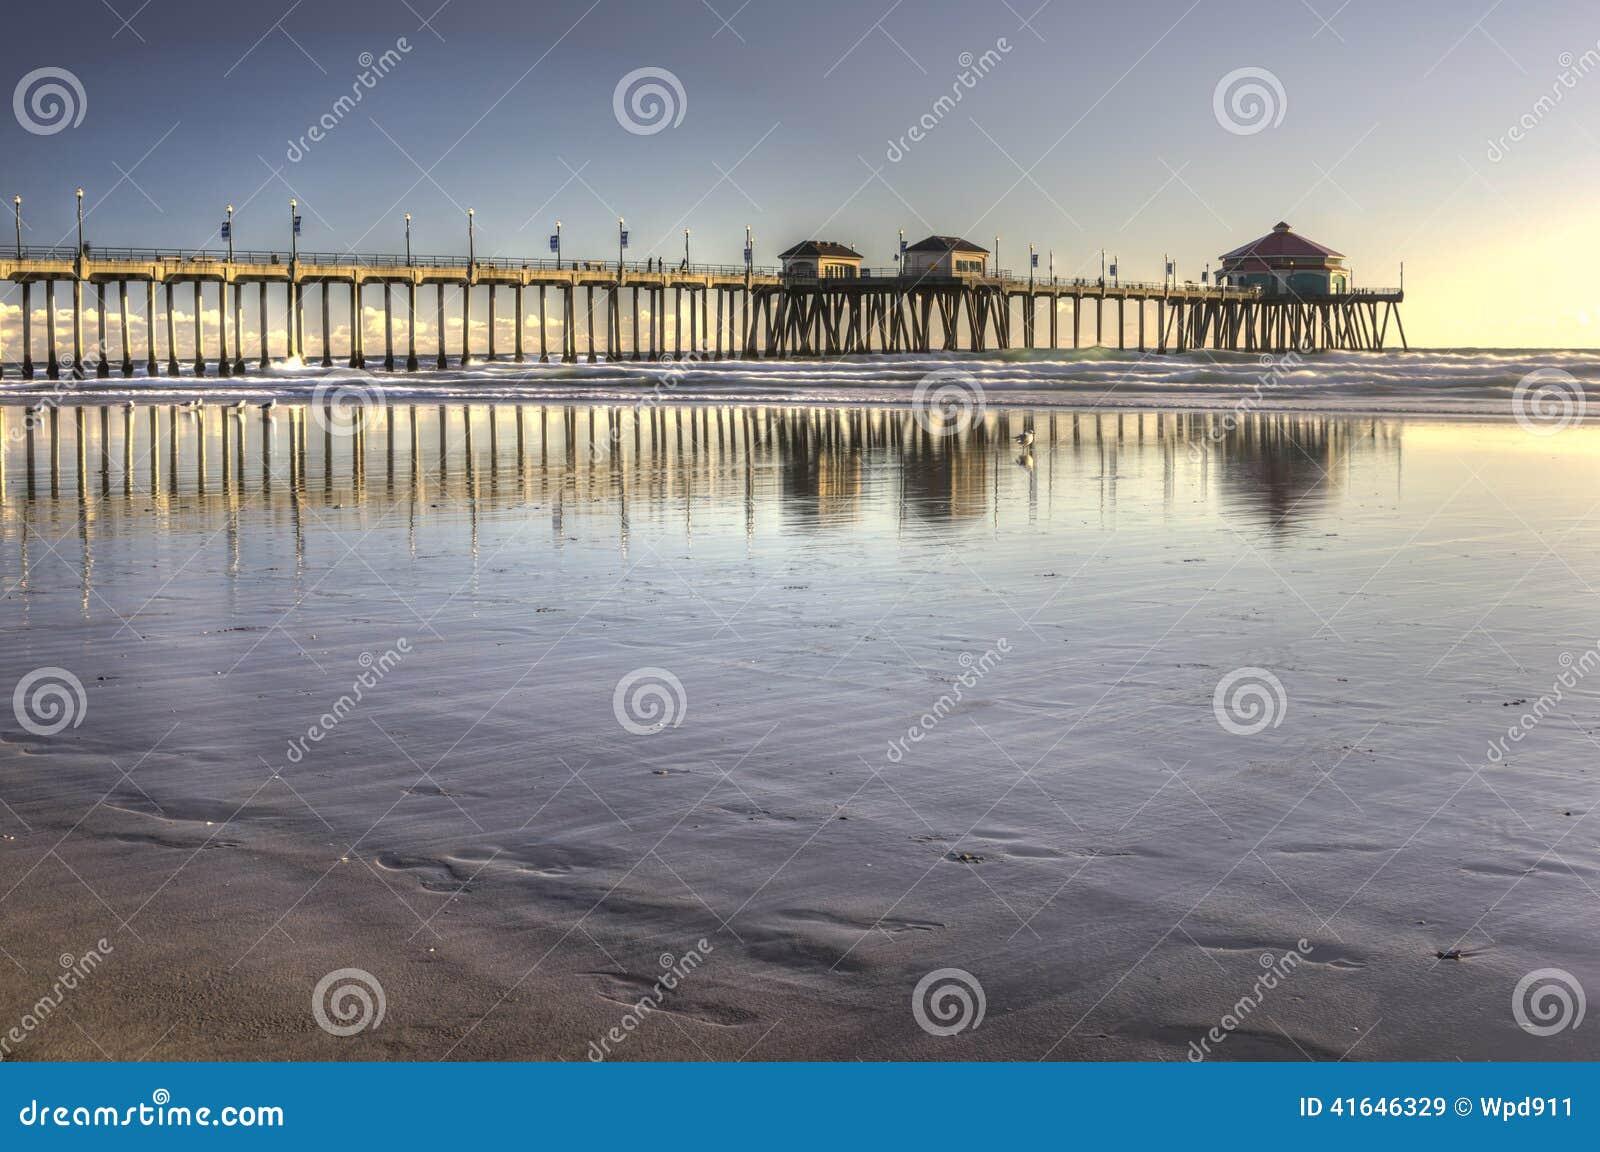 Huntington Beach Pier editorial stock image. Image of